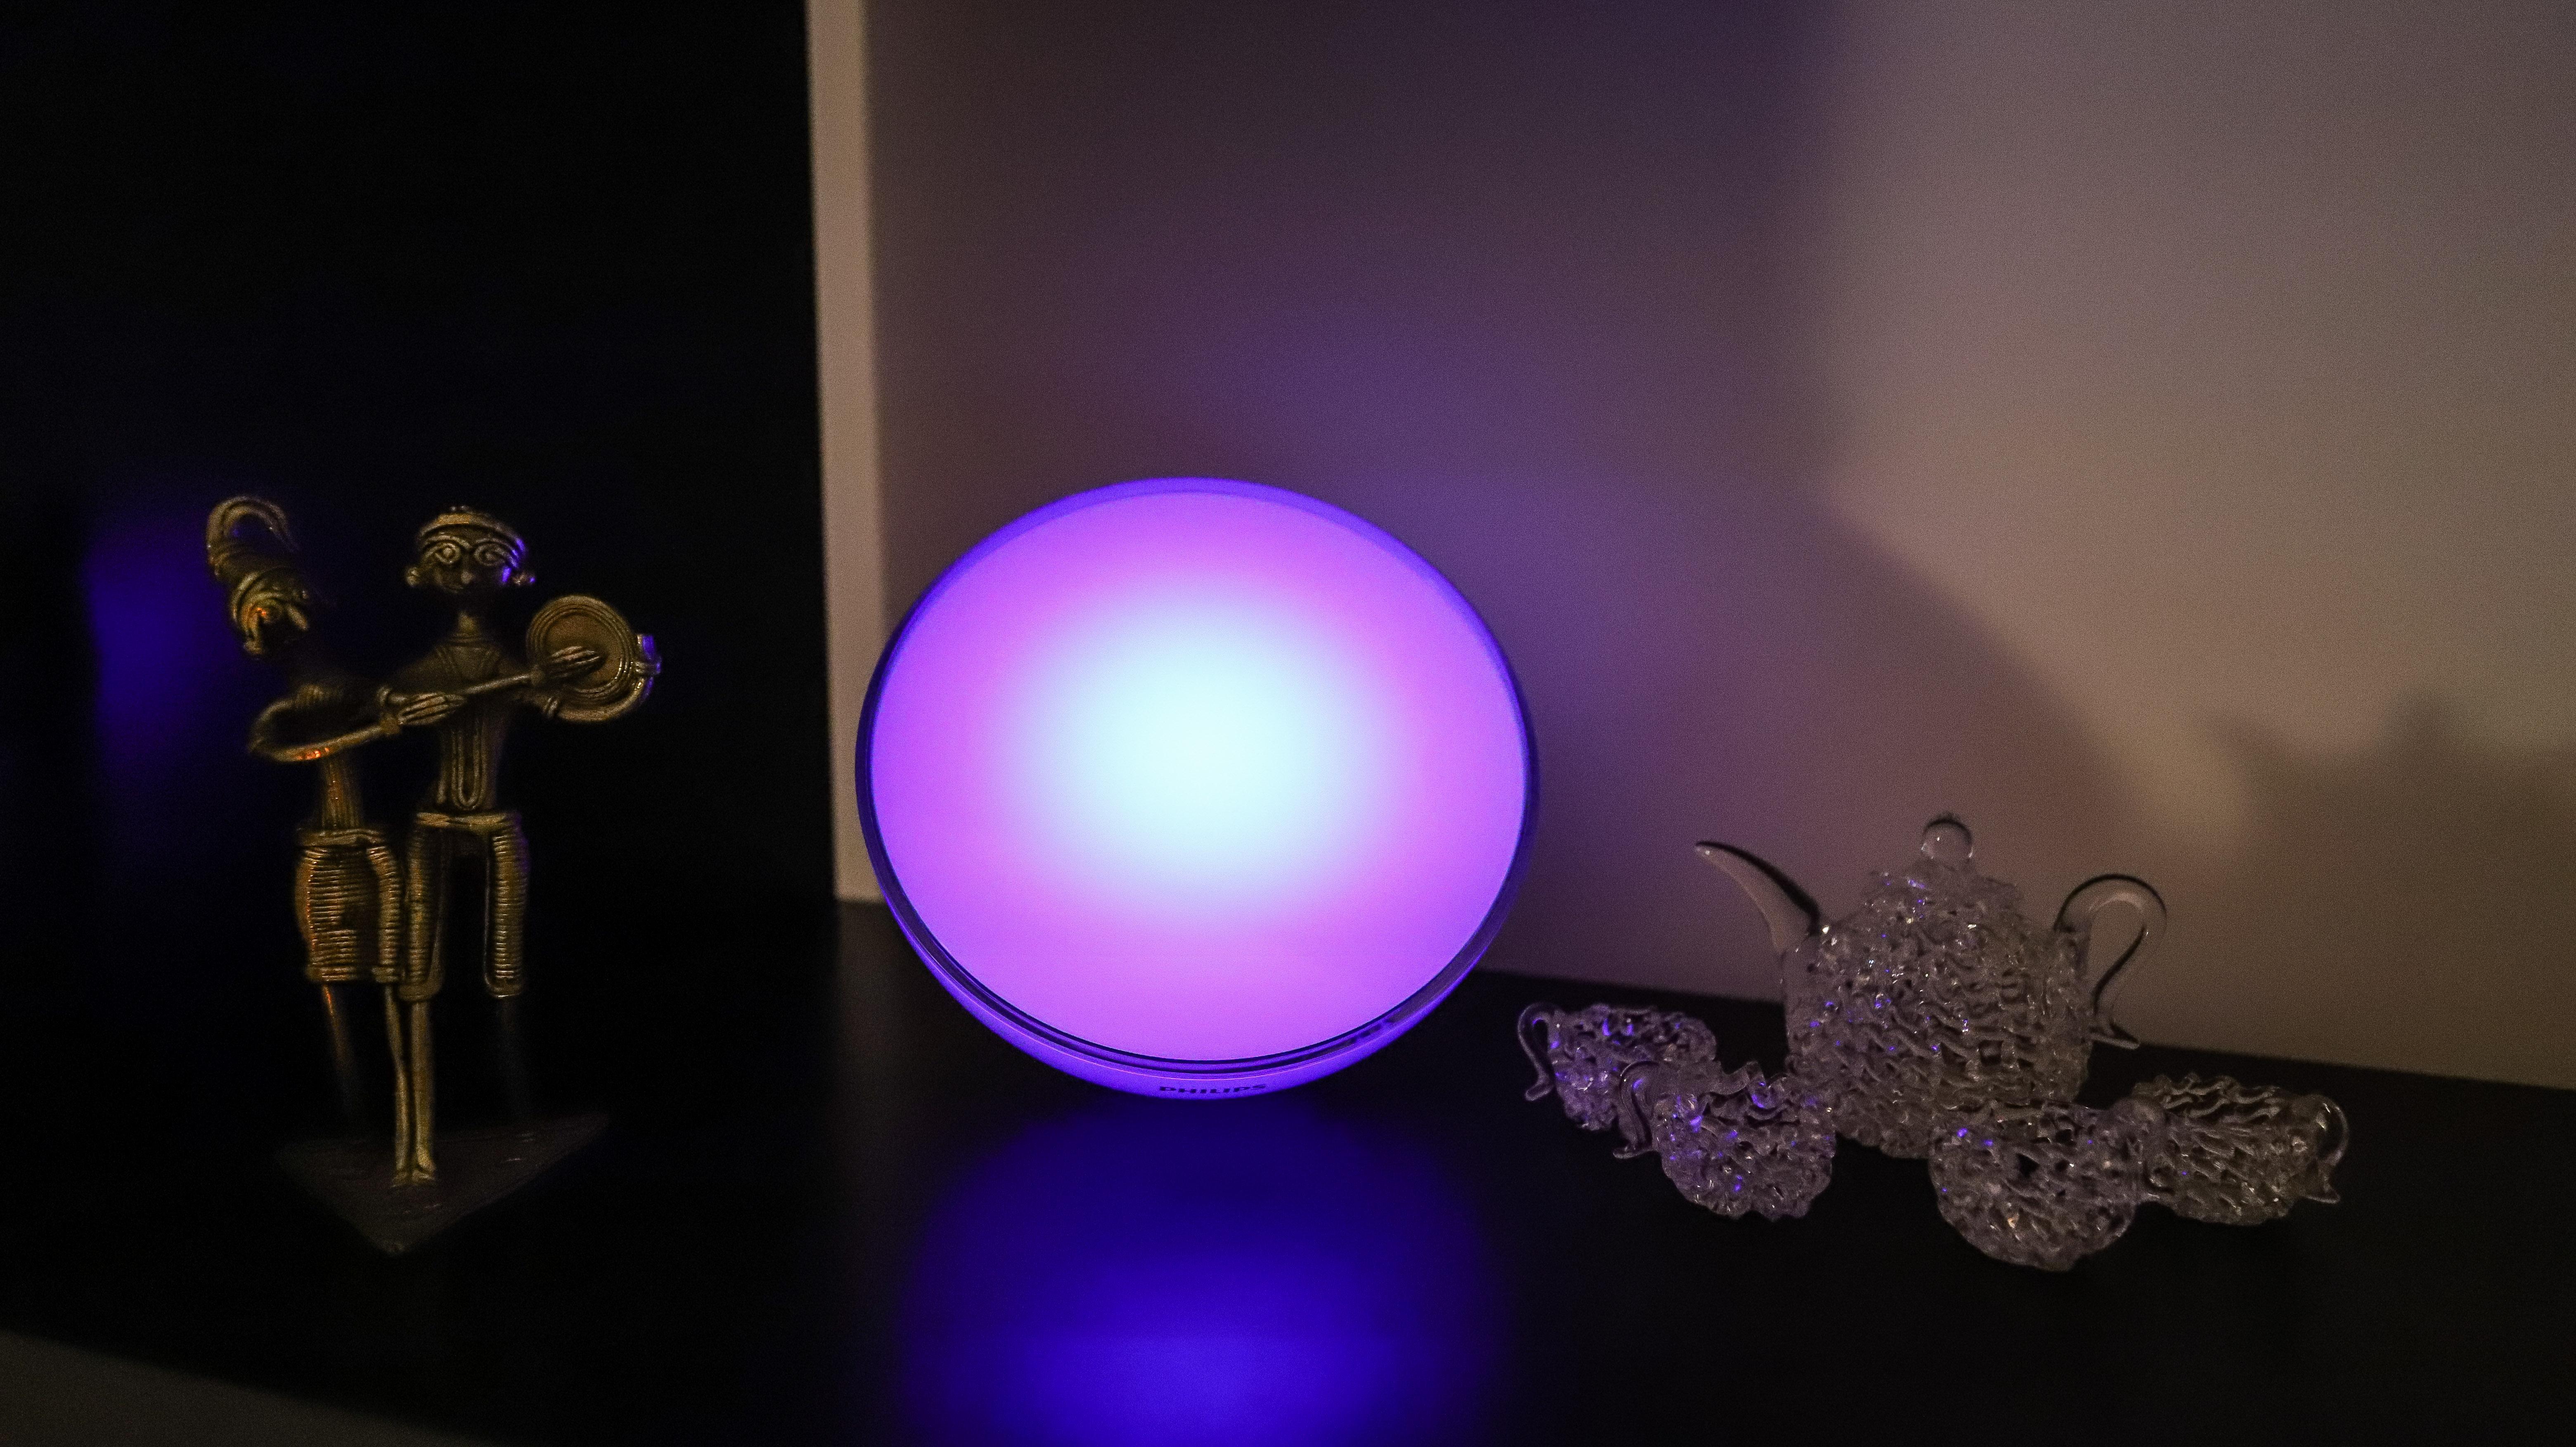 Philips Hue Go 2 with purple light on a shelf